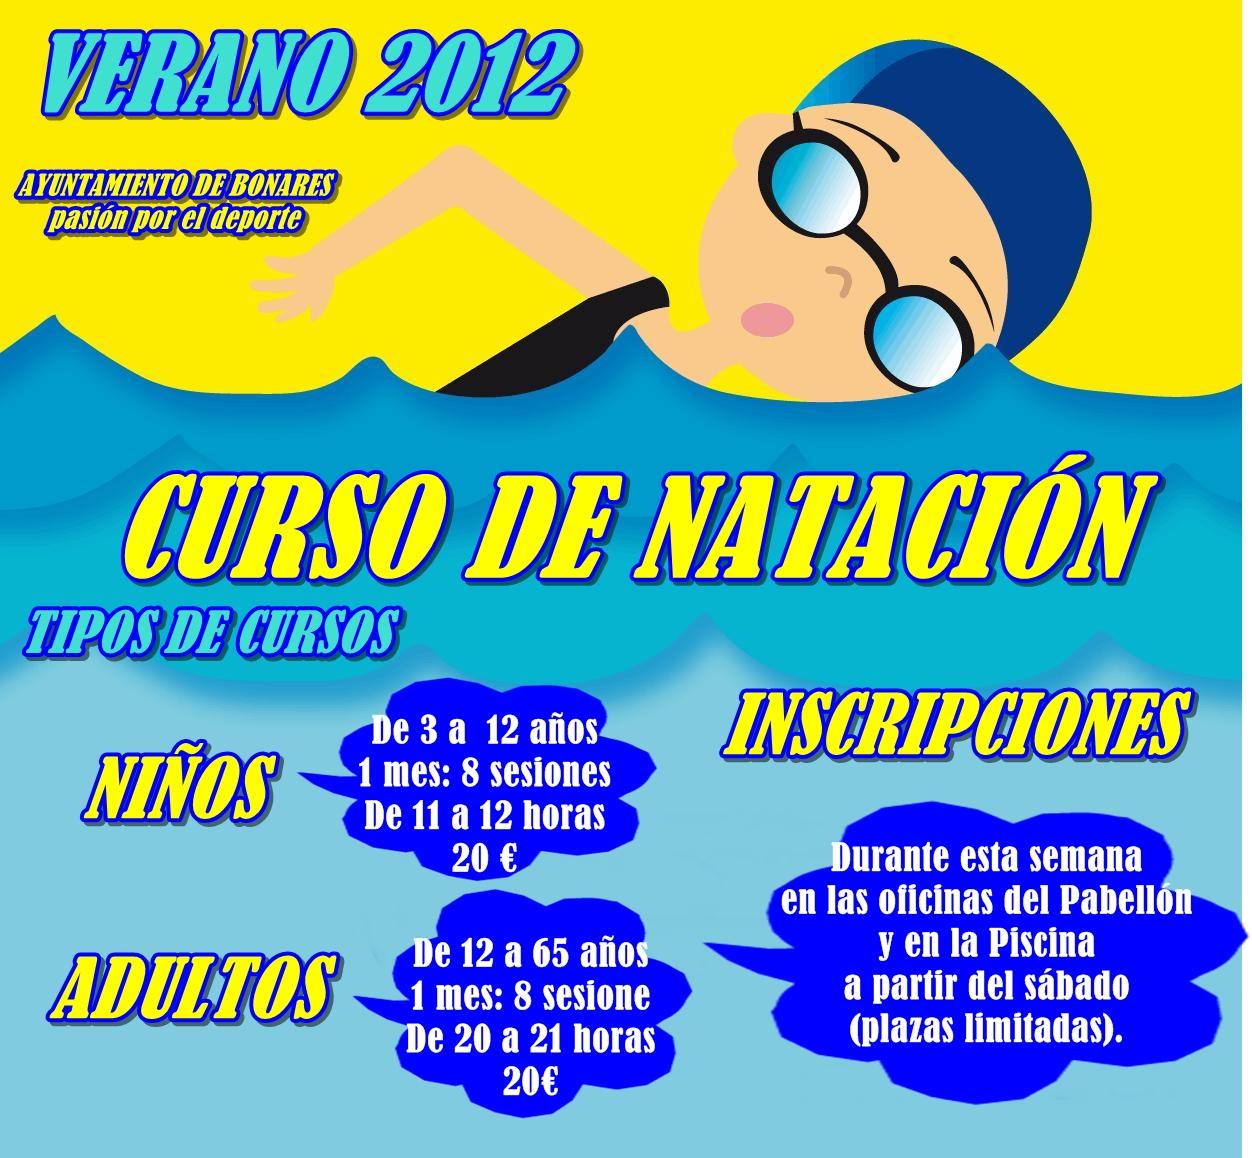 Cursos de nataci n verano 2012 for Clases de piscina para bebes